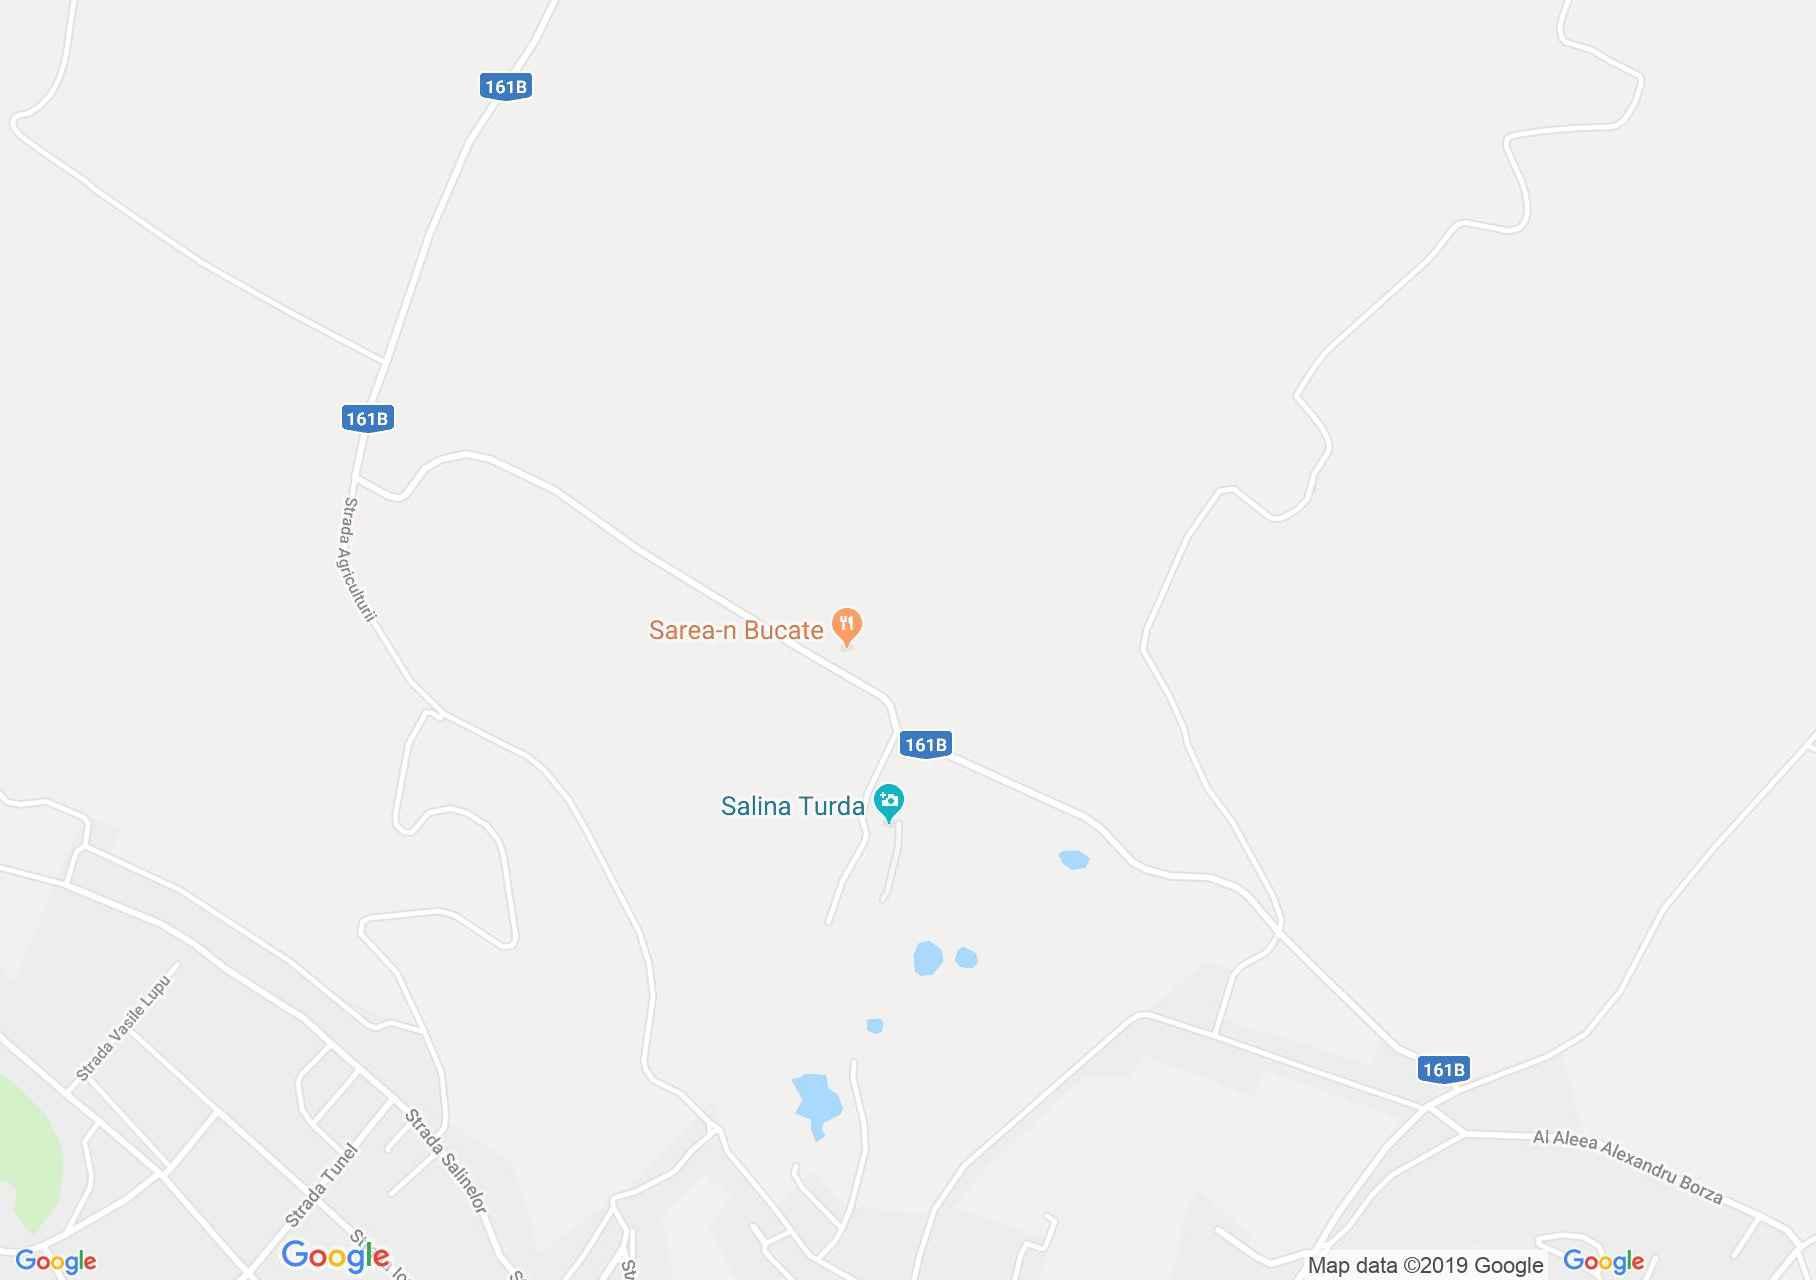 Torda: Tordai sóbánya (térkép)